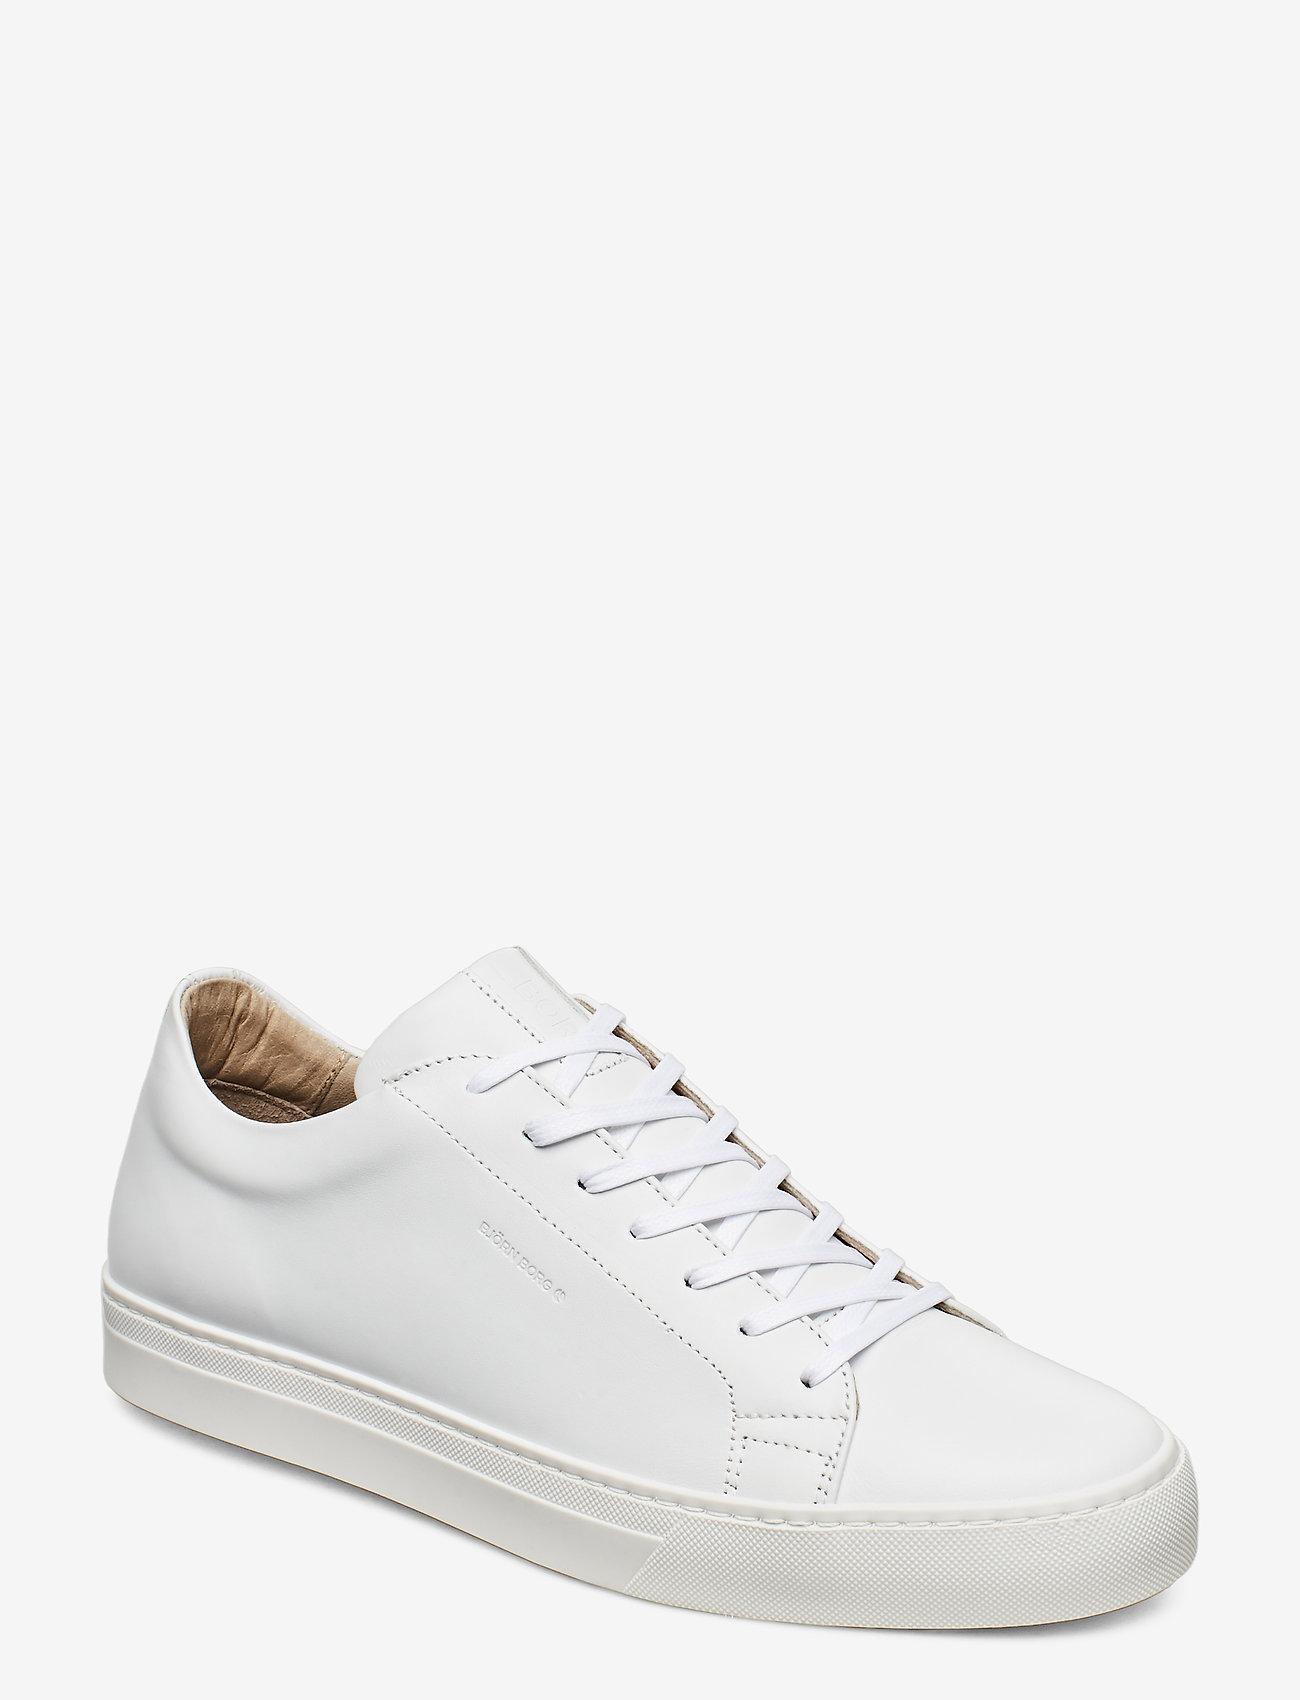 Björn Borg - JORDEN LEA M - laag sneakers - white - 0